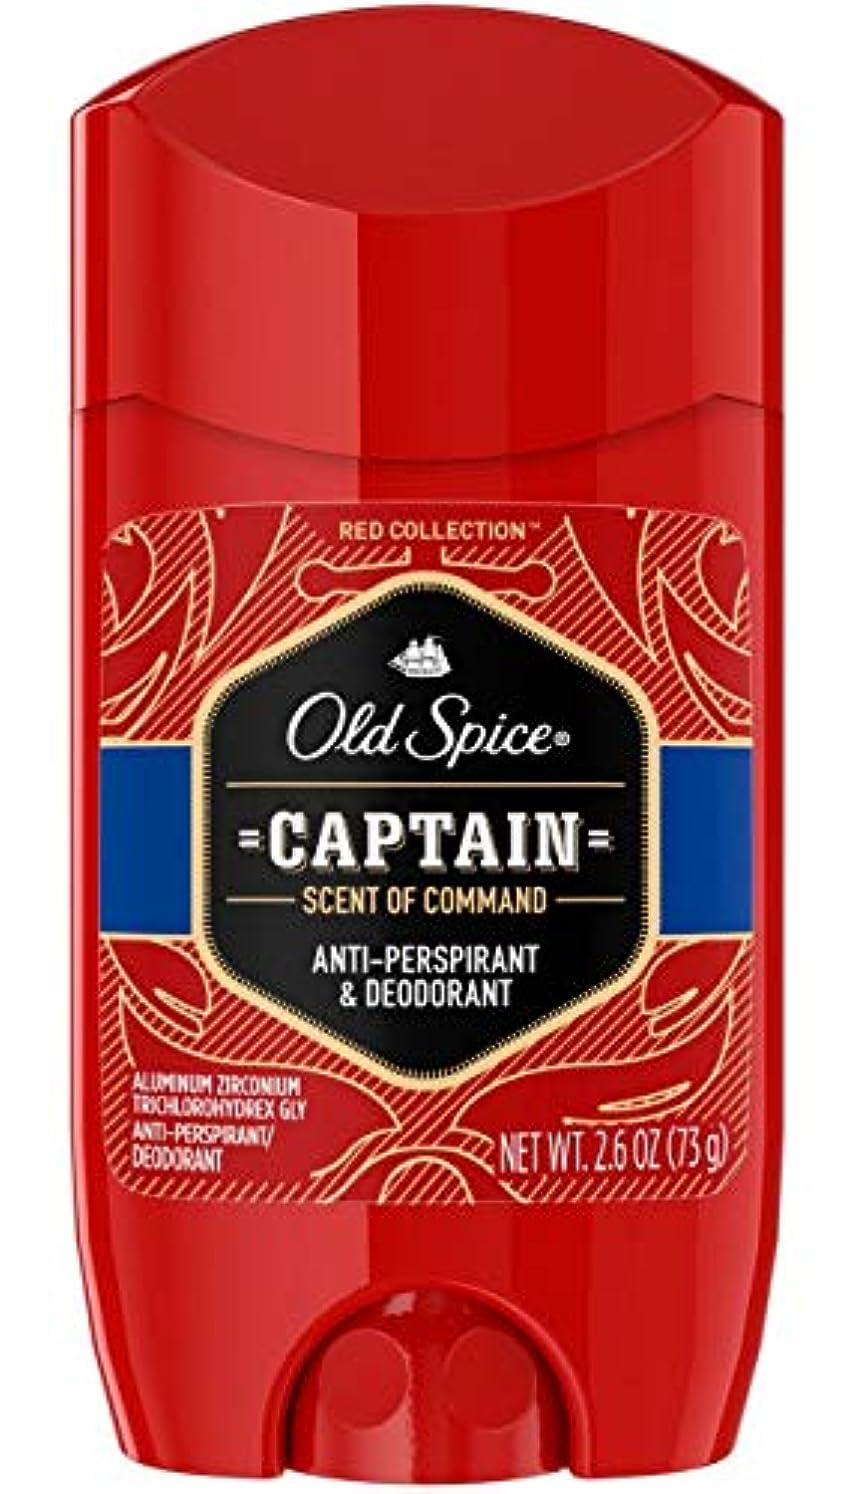 素朴な困った格納オールドスパイス Old Spice メンズ デオドラント キャプテン インビジブルソリッド 男性用 固形 制汗剤 73g  海外直送